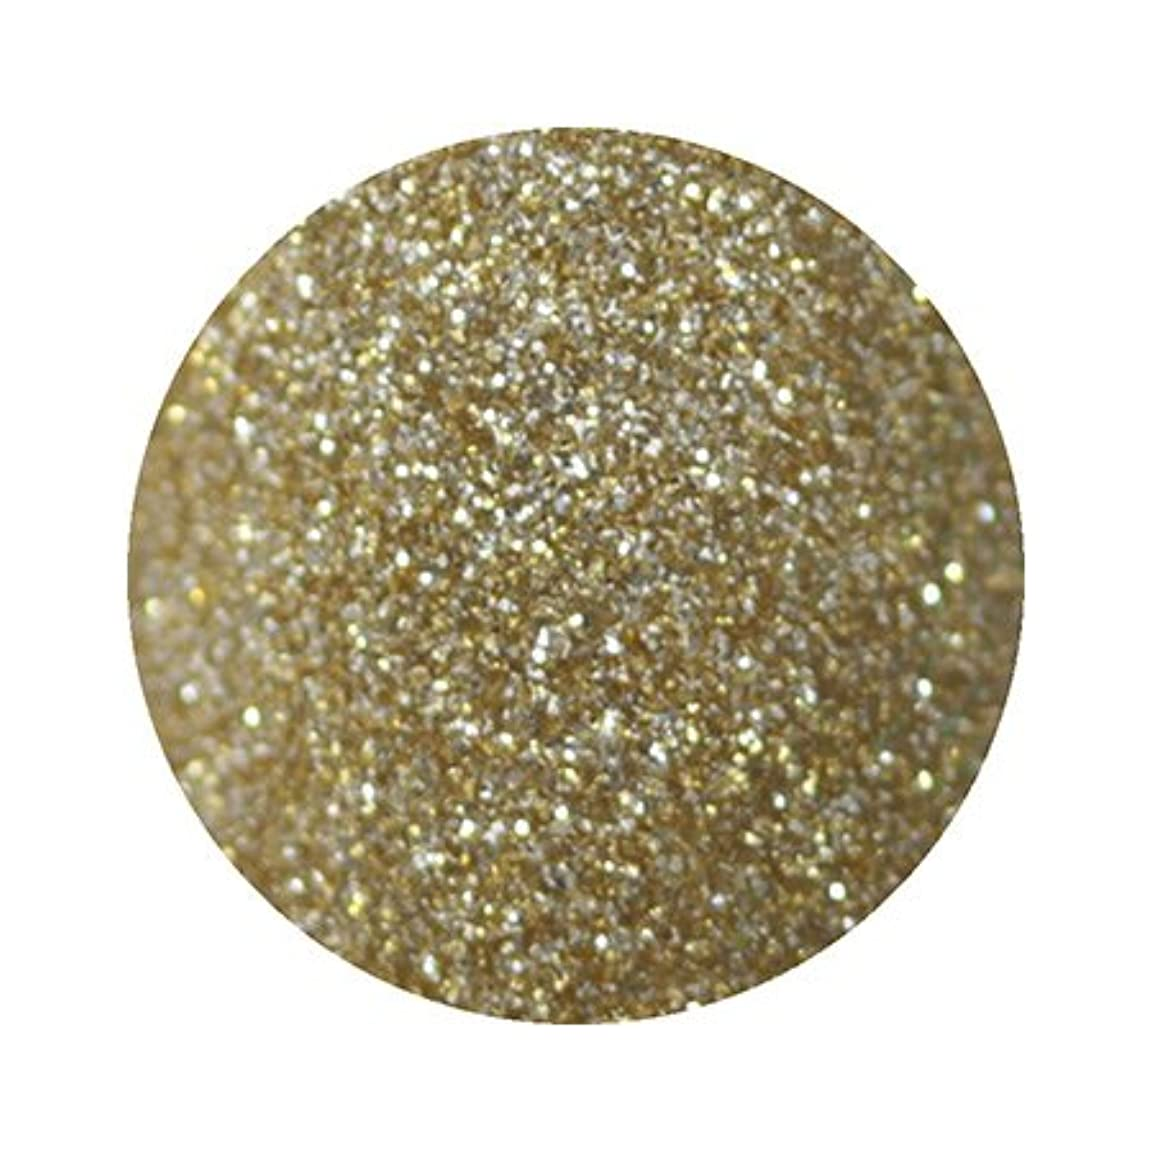 パラポリッシュ ハイブリッドカラージェル GOLD(ゴールド) 7g